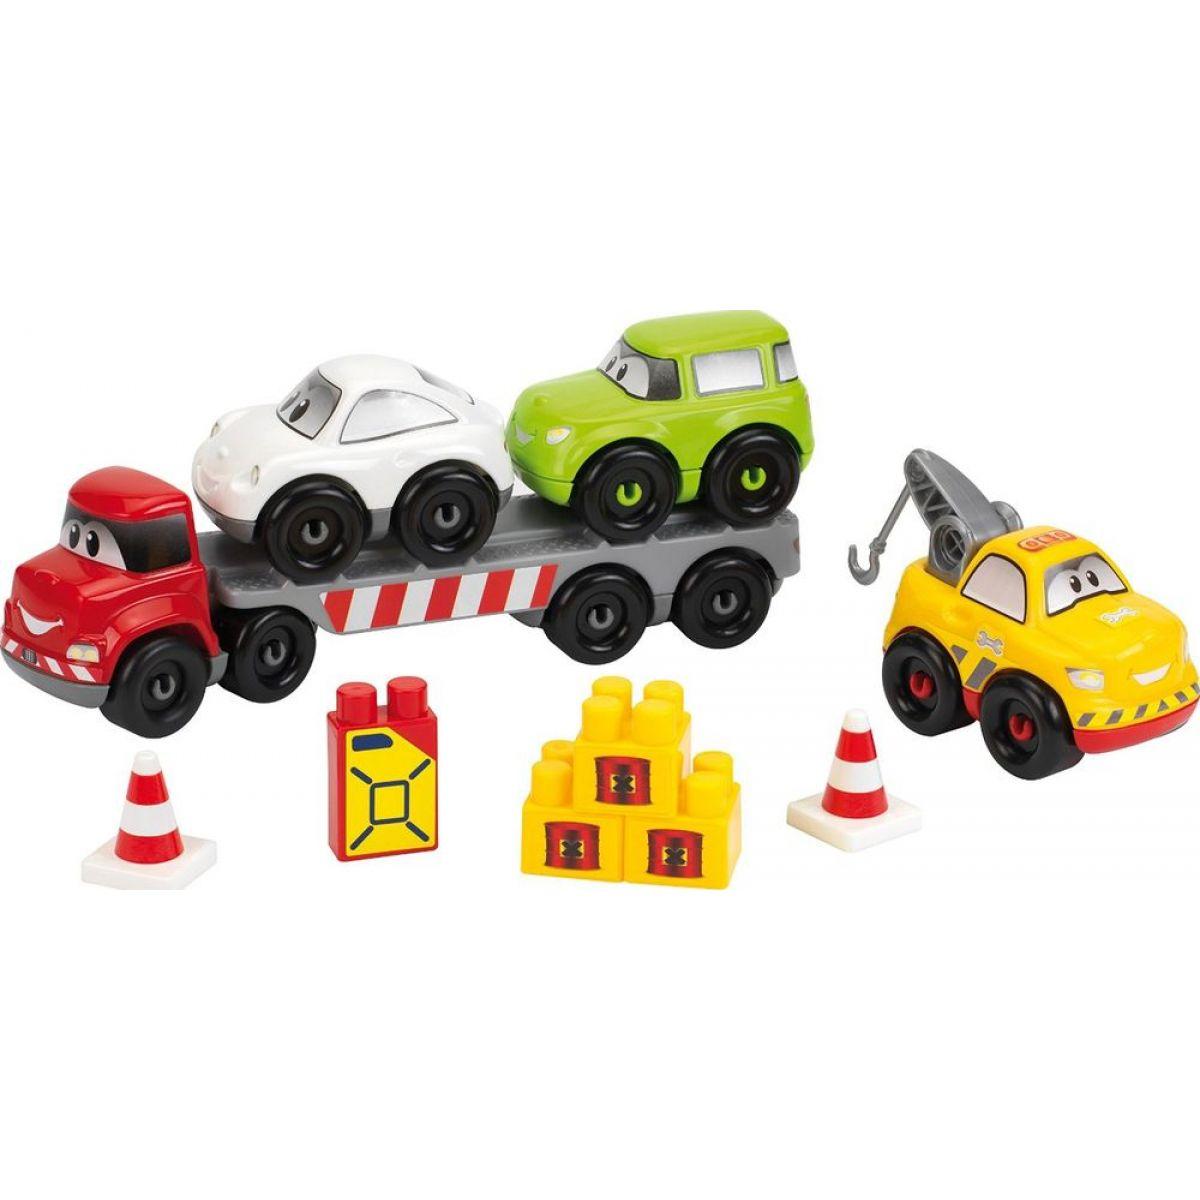 Abrick 3245 Transportér + 3 autá 38 ks